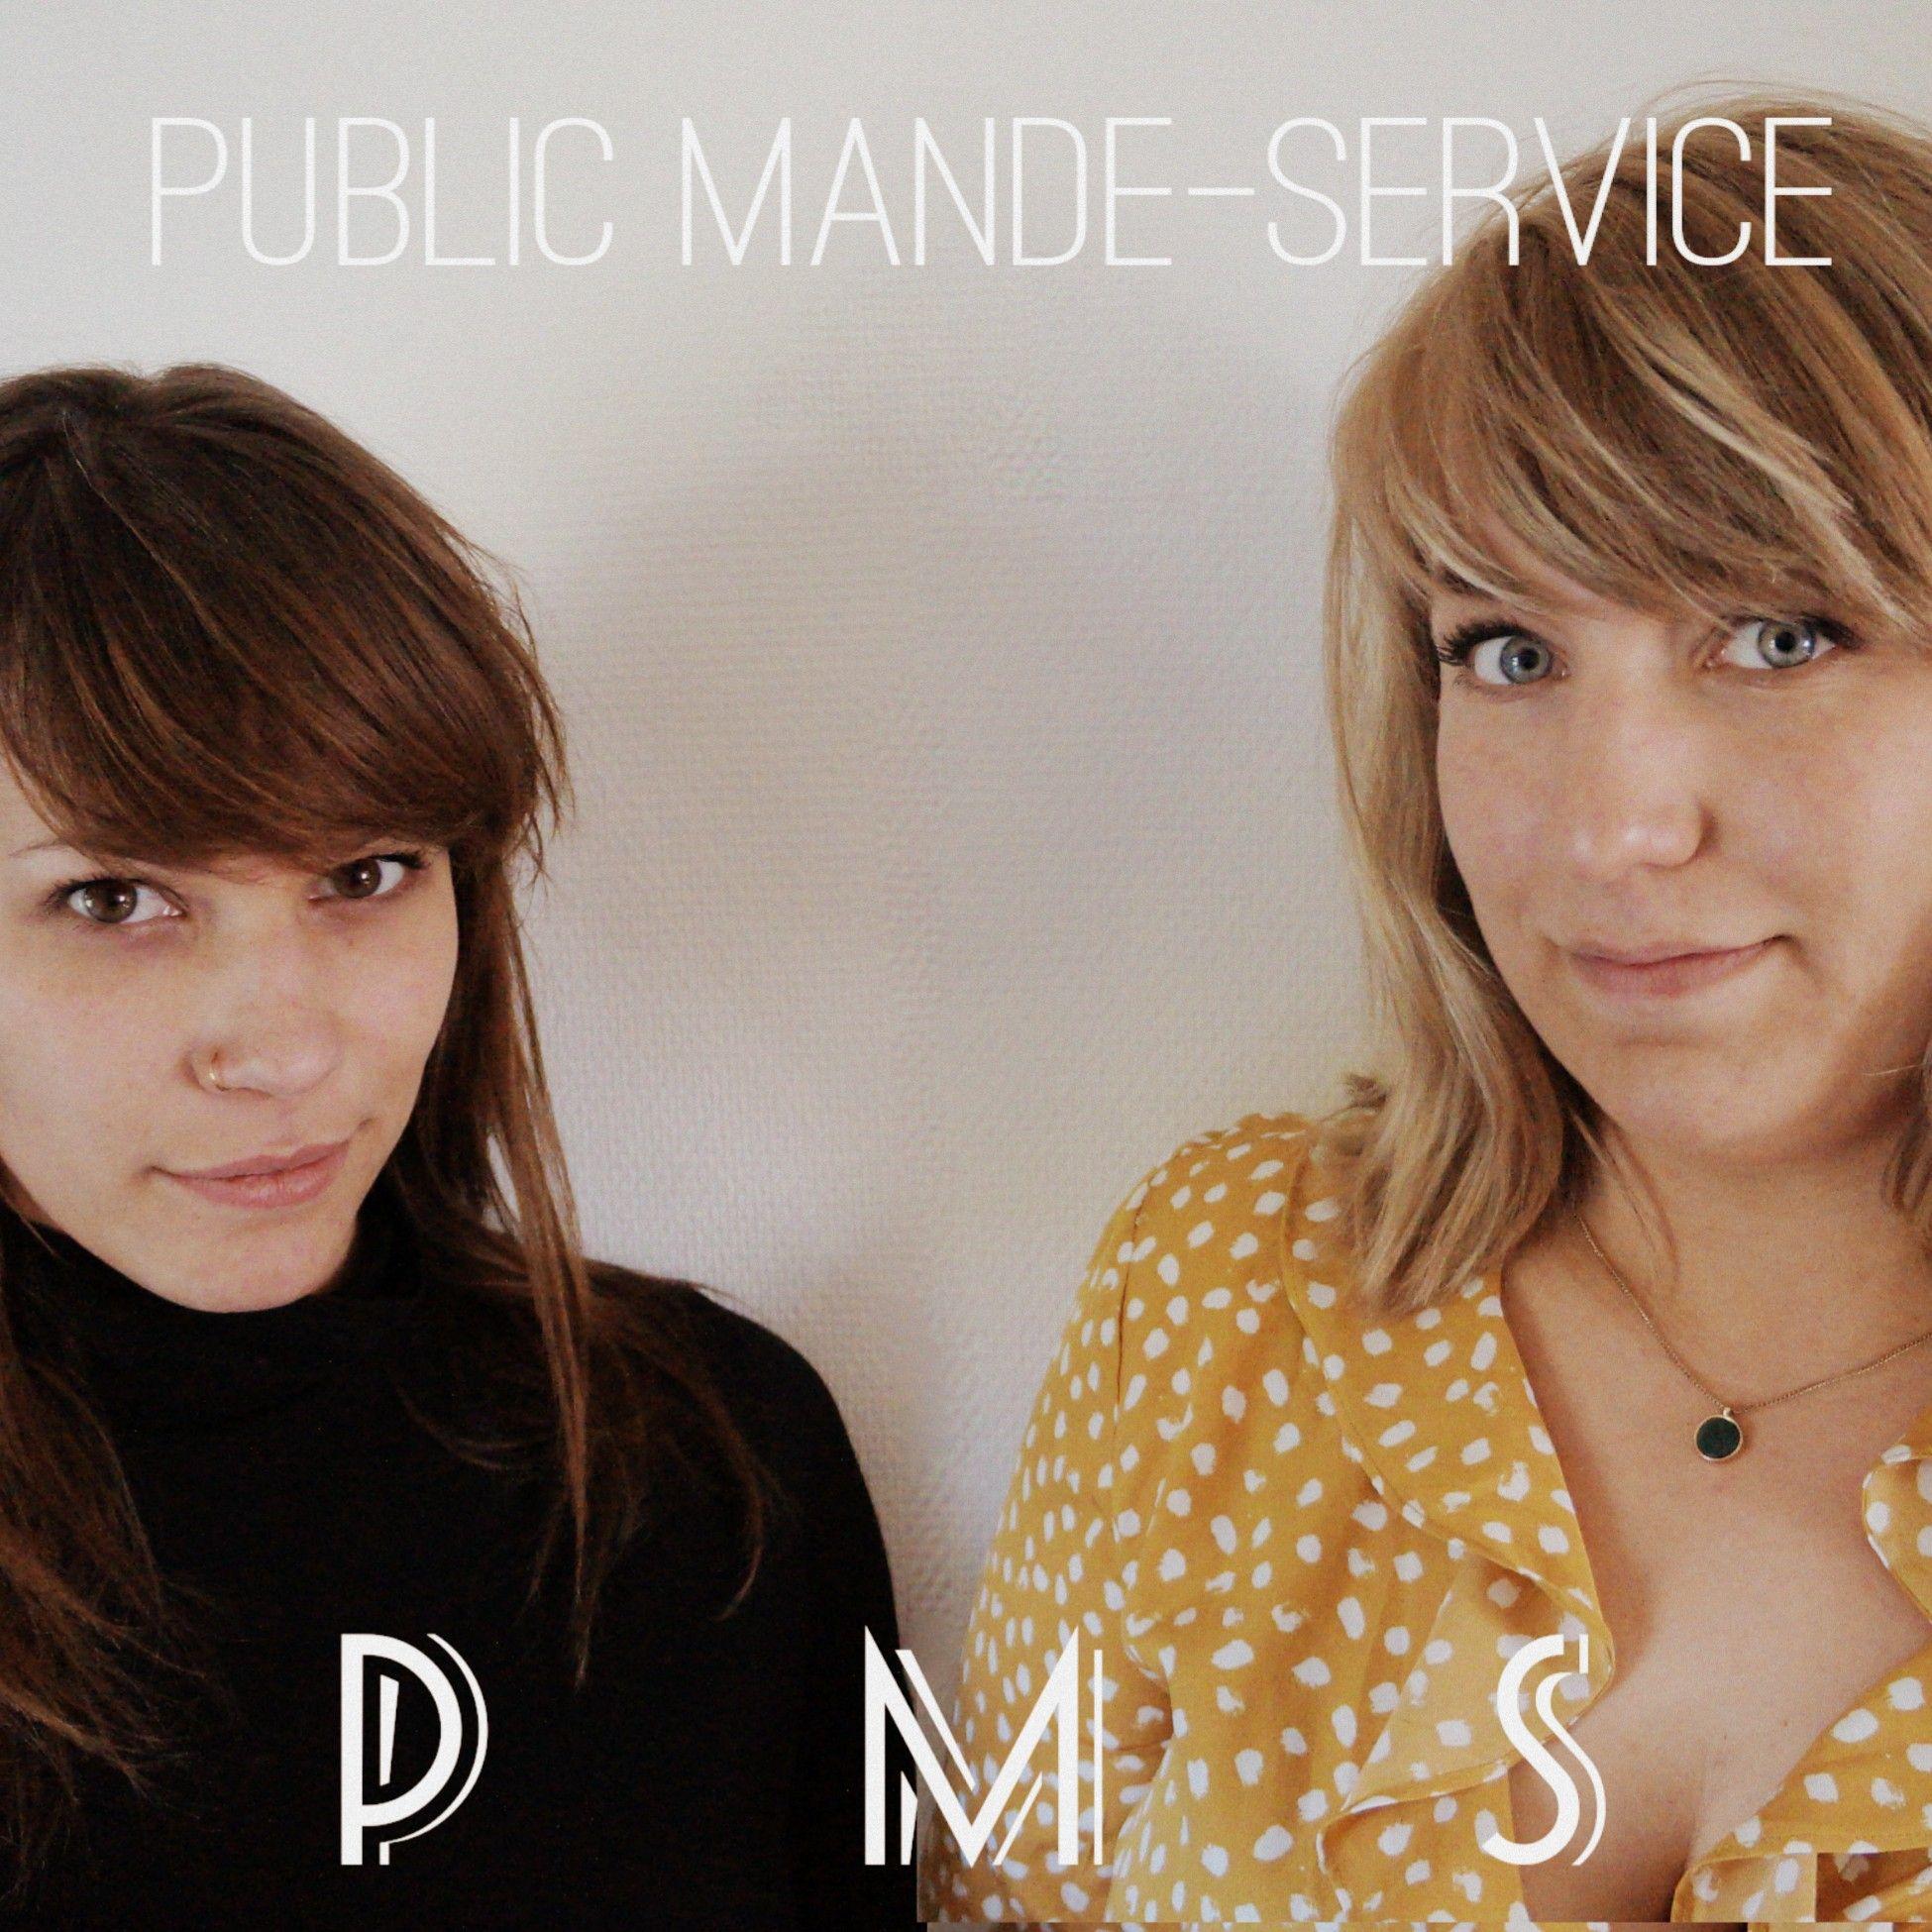 PMS: Public Mande-Service